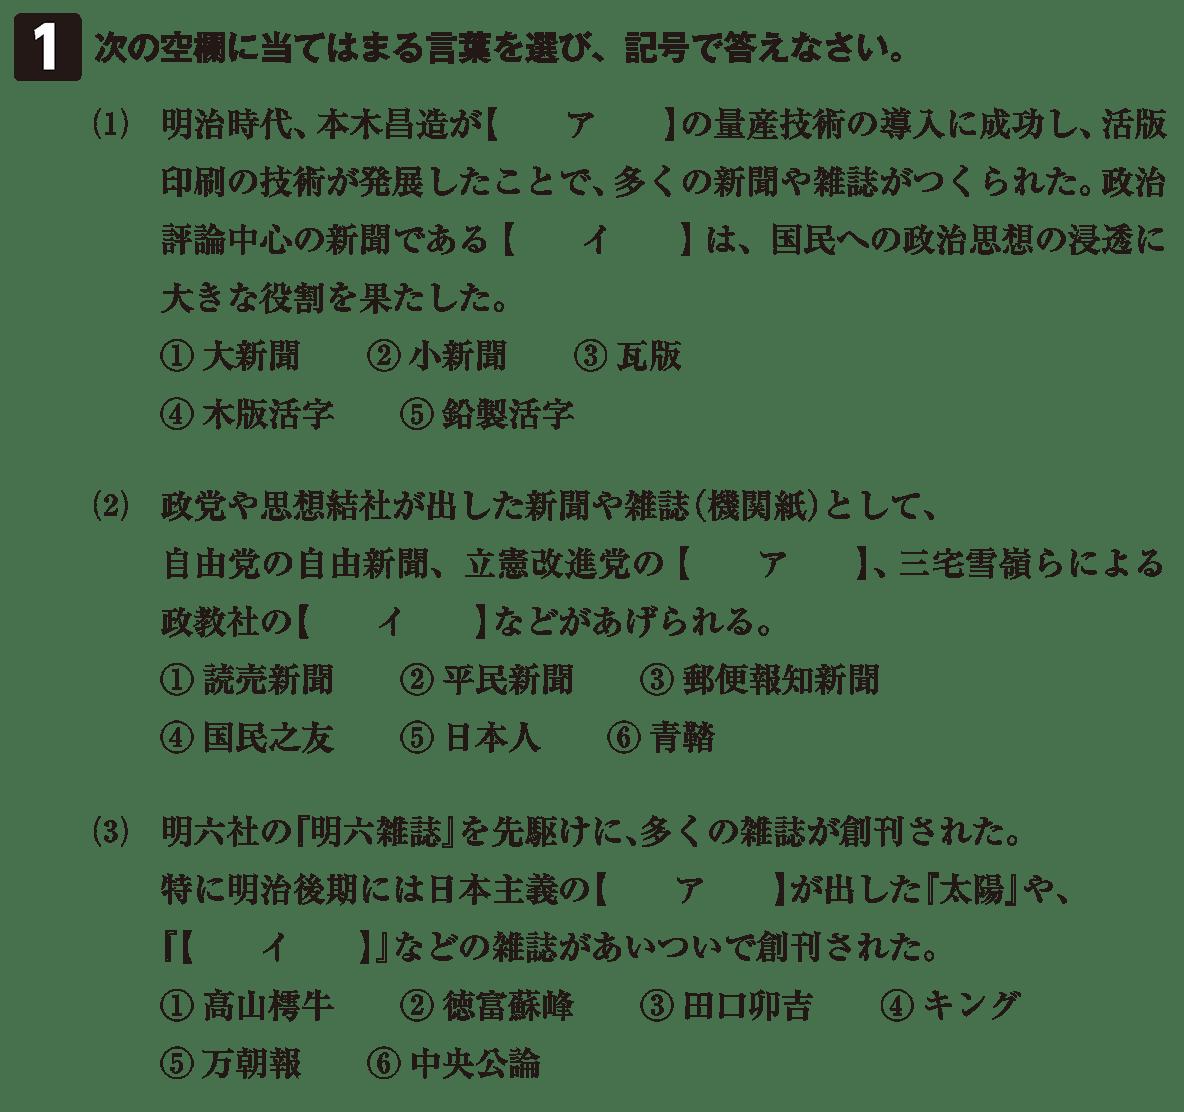 近現代の文化15 問題1 問題